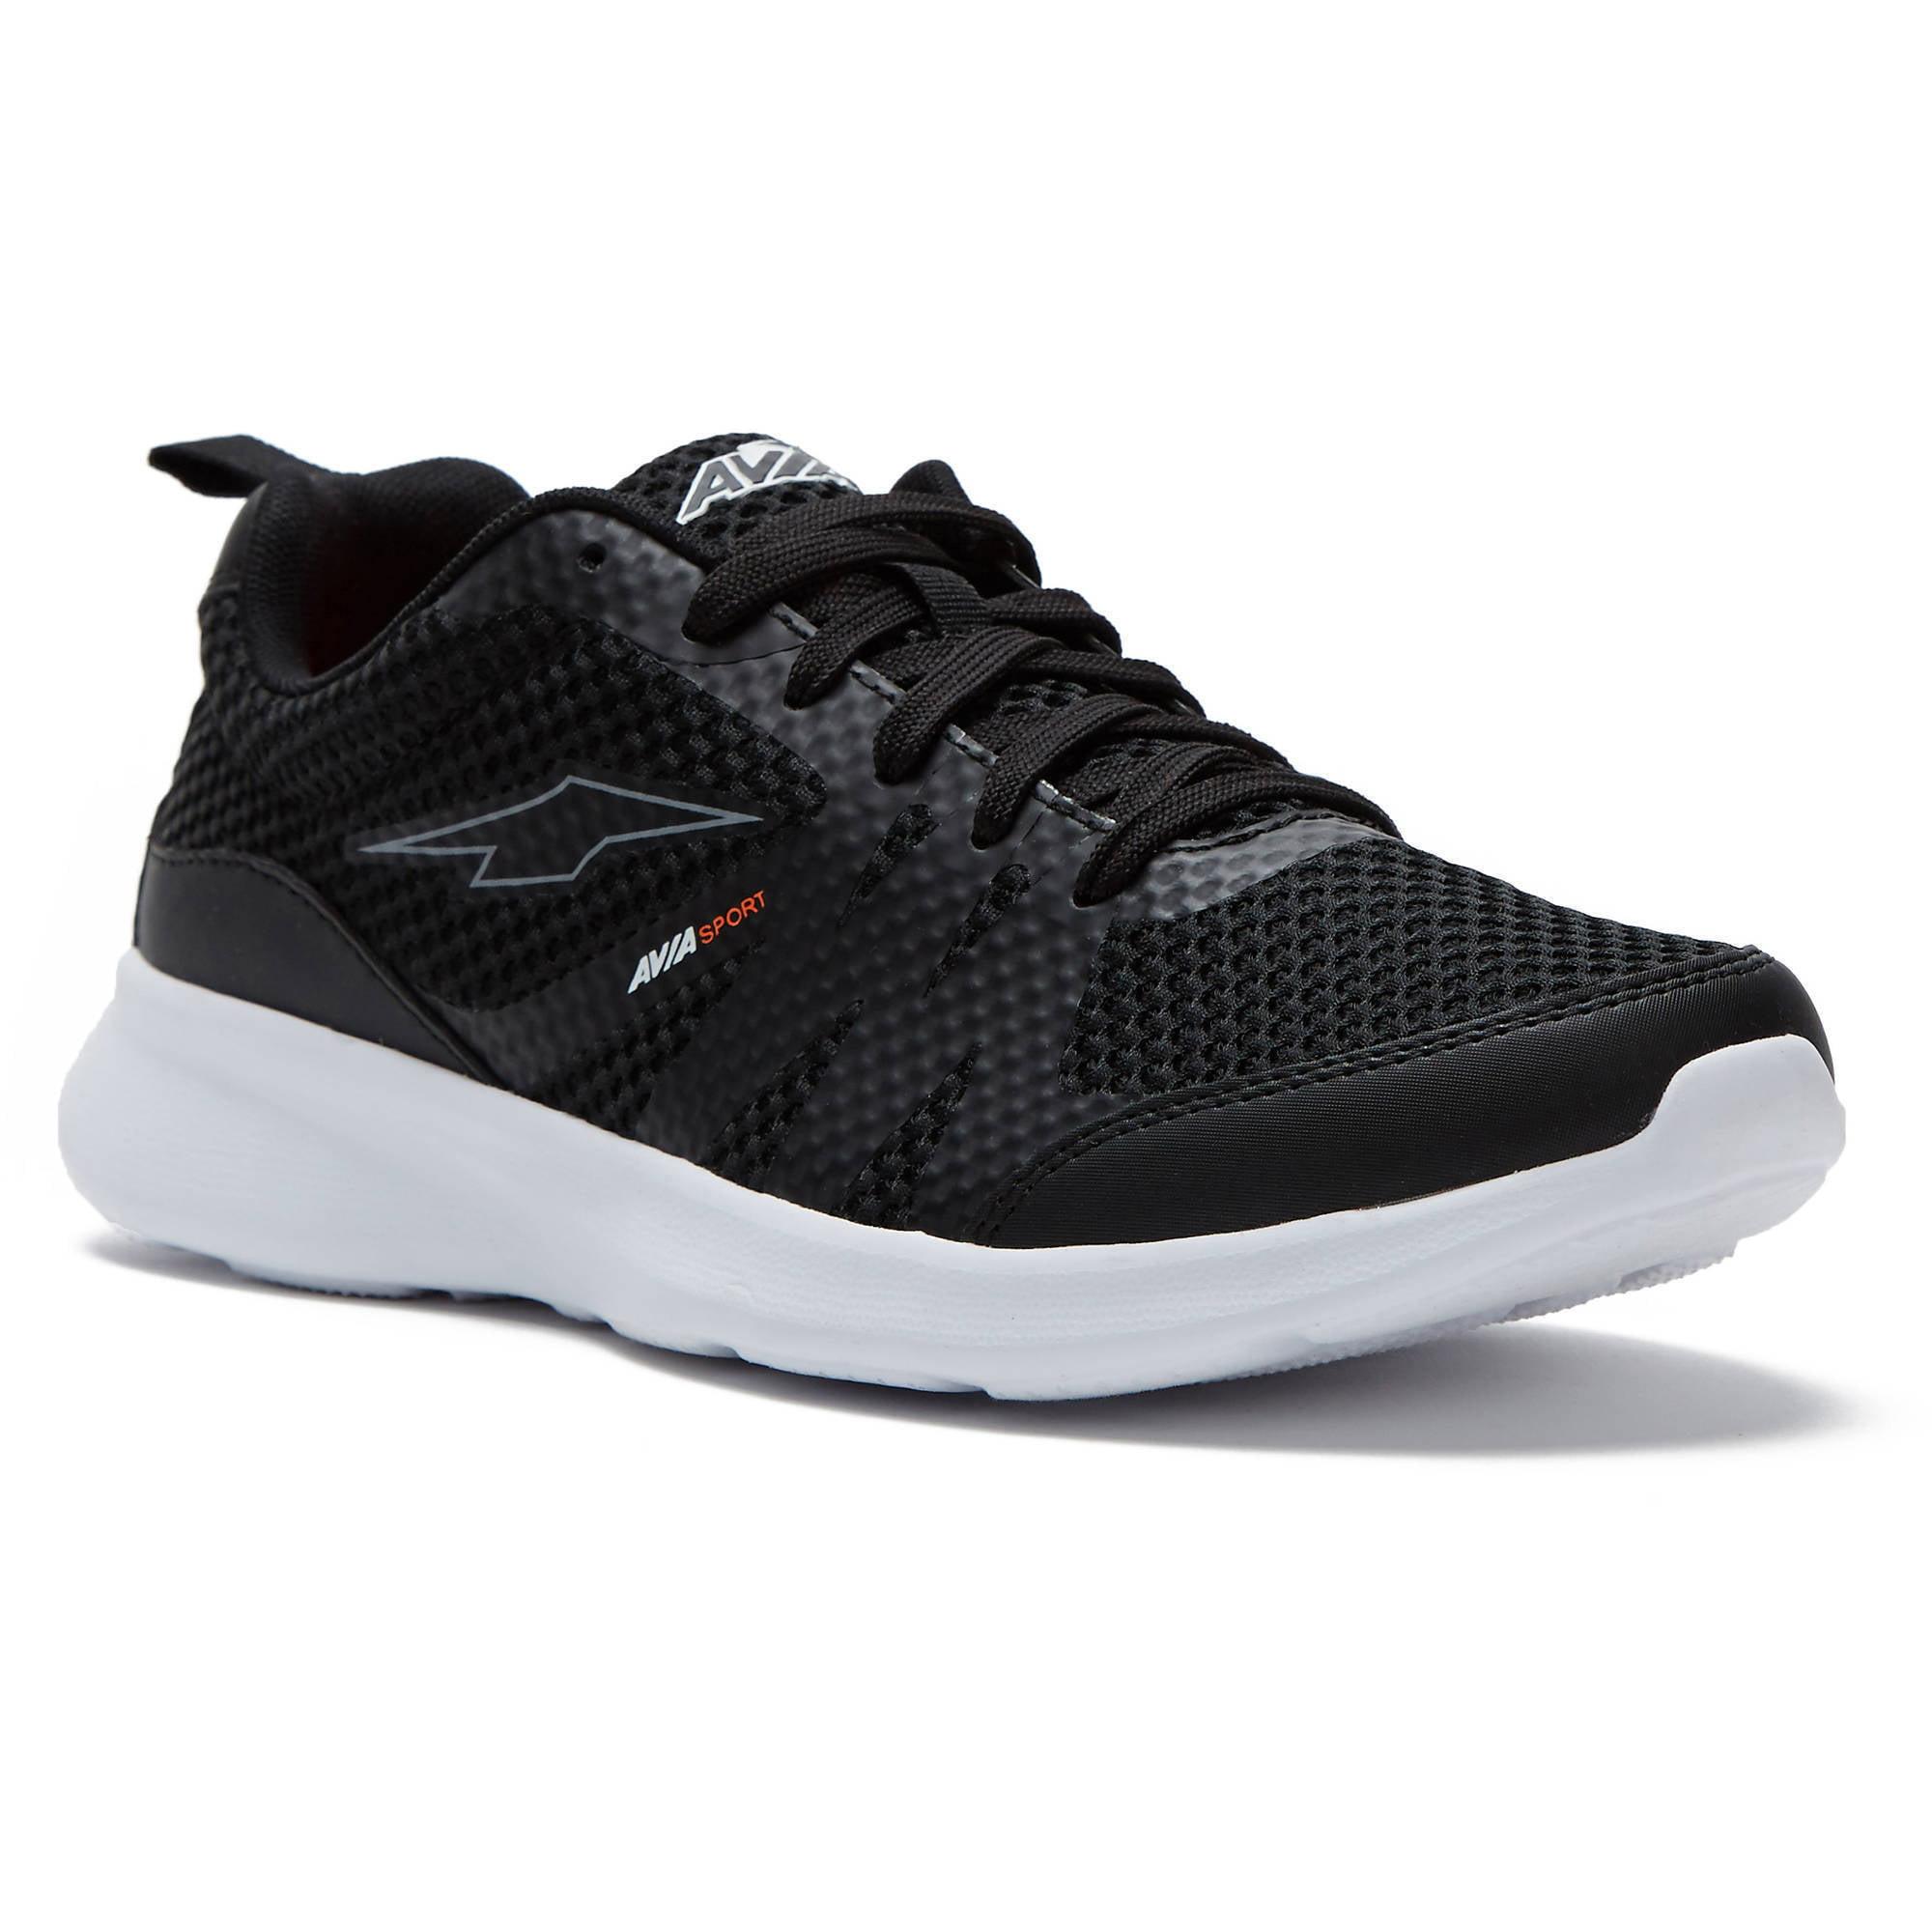 Avia Menu0026#39;s Capri Athletic Shoe - Walmart.com